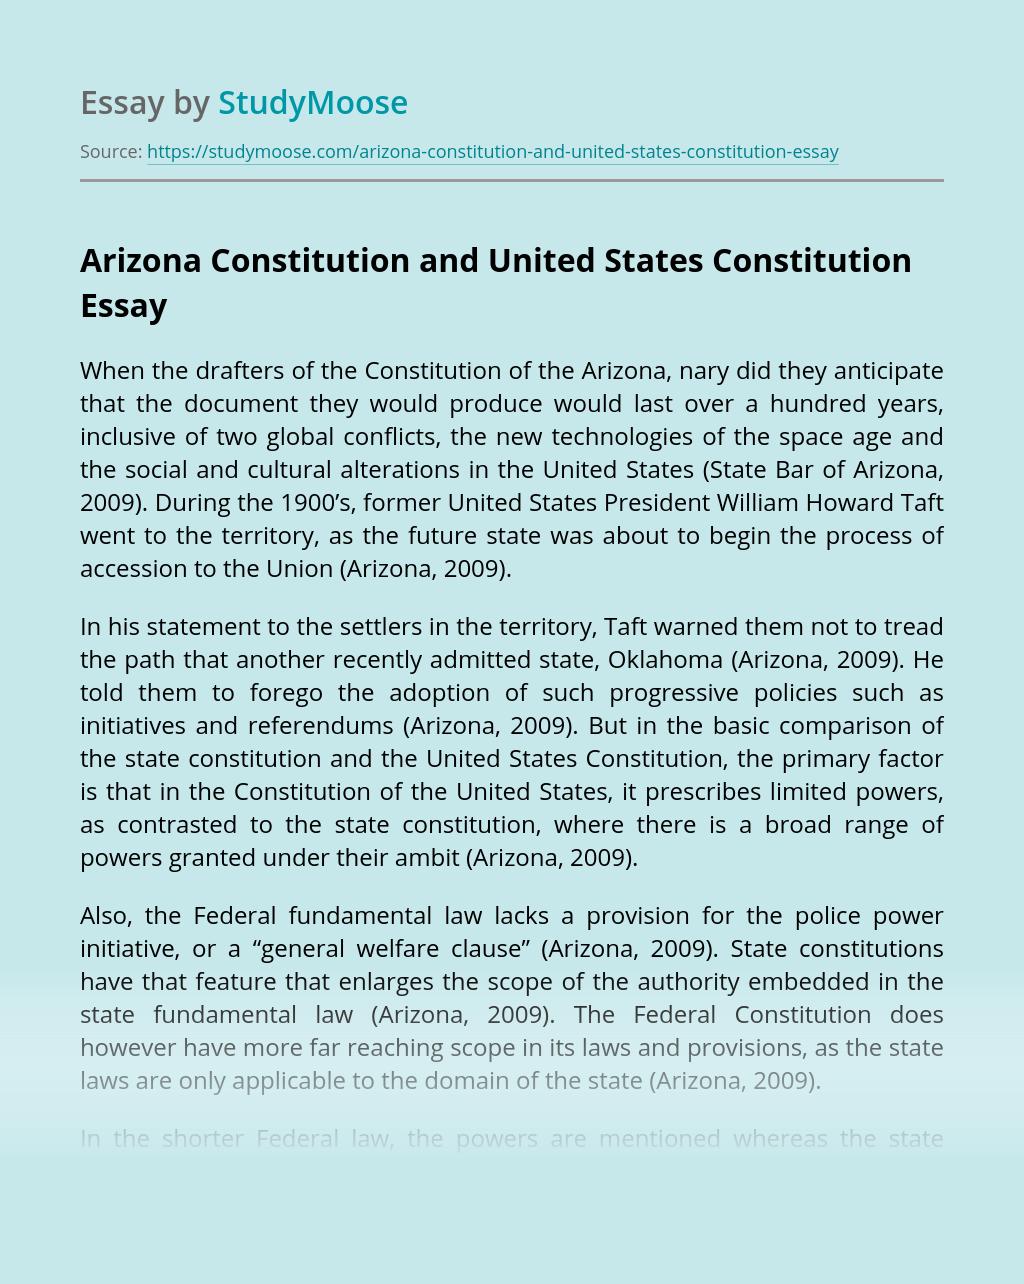 Arizona Constitution and United States Constitution